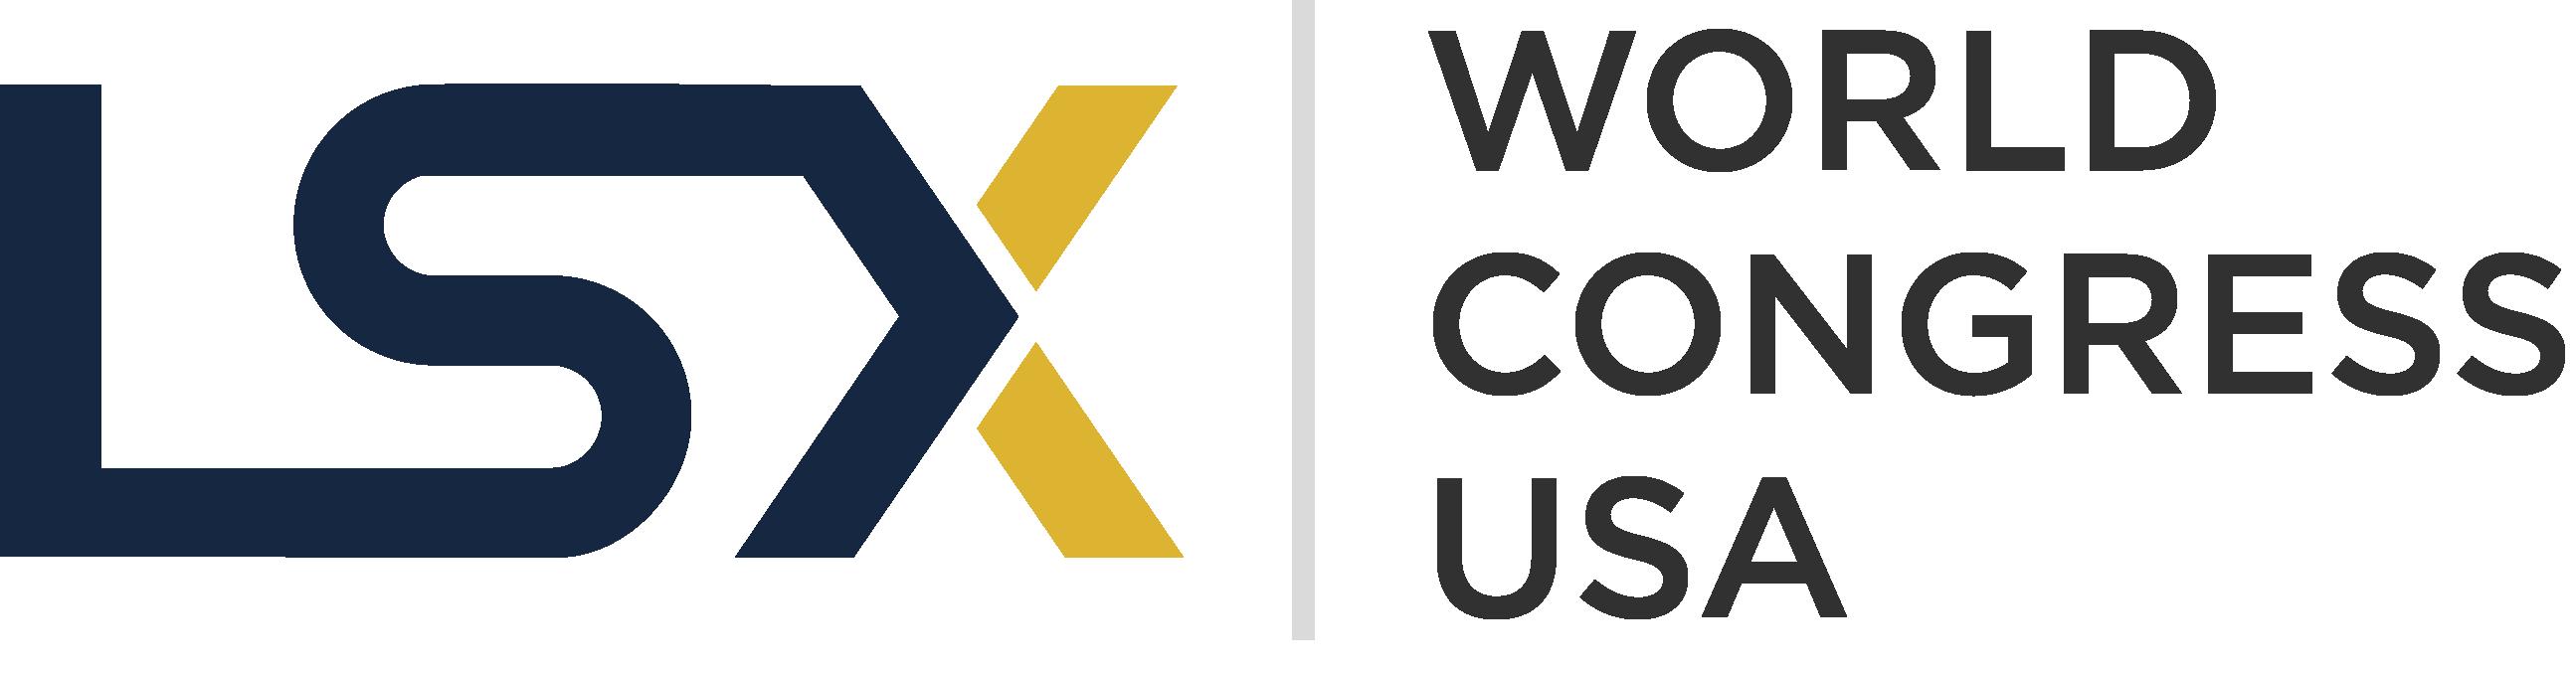 LSX World Congress USA-2.png